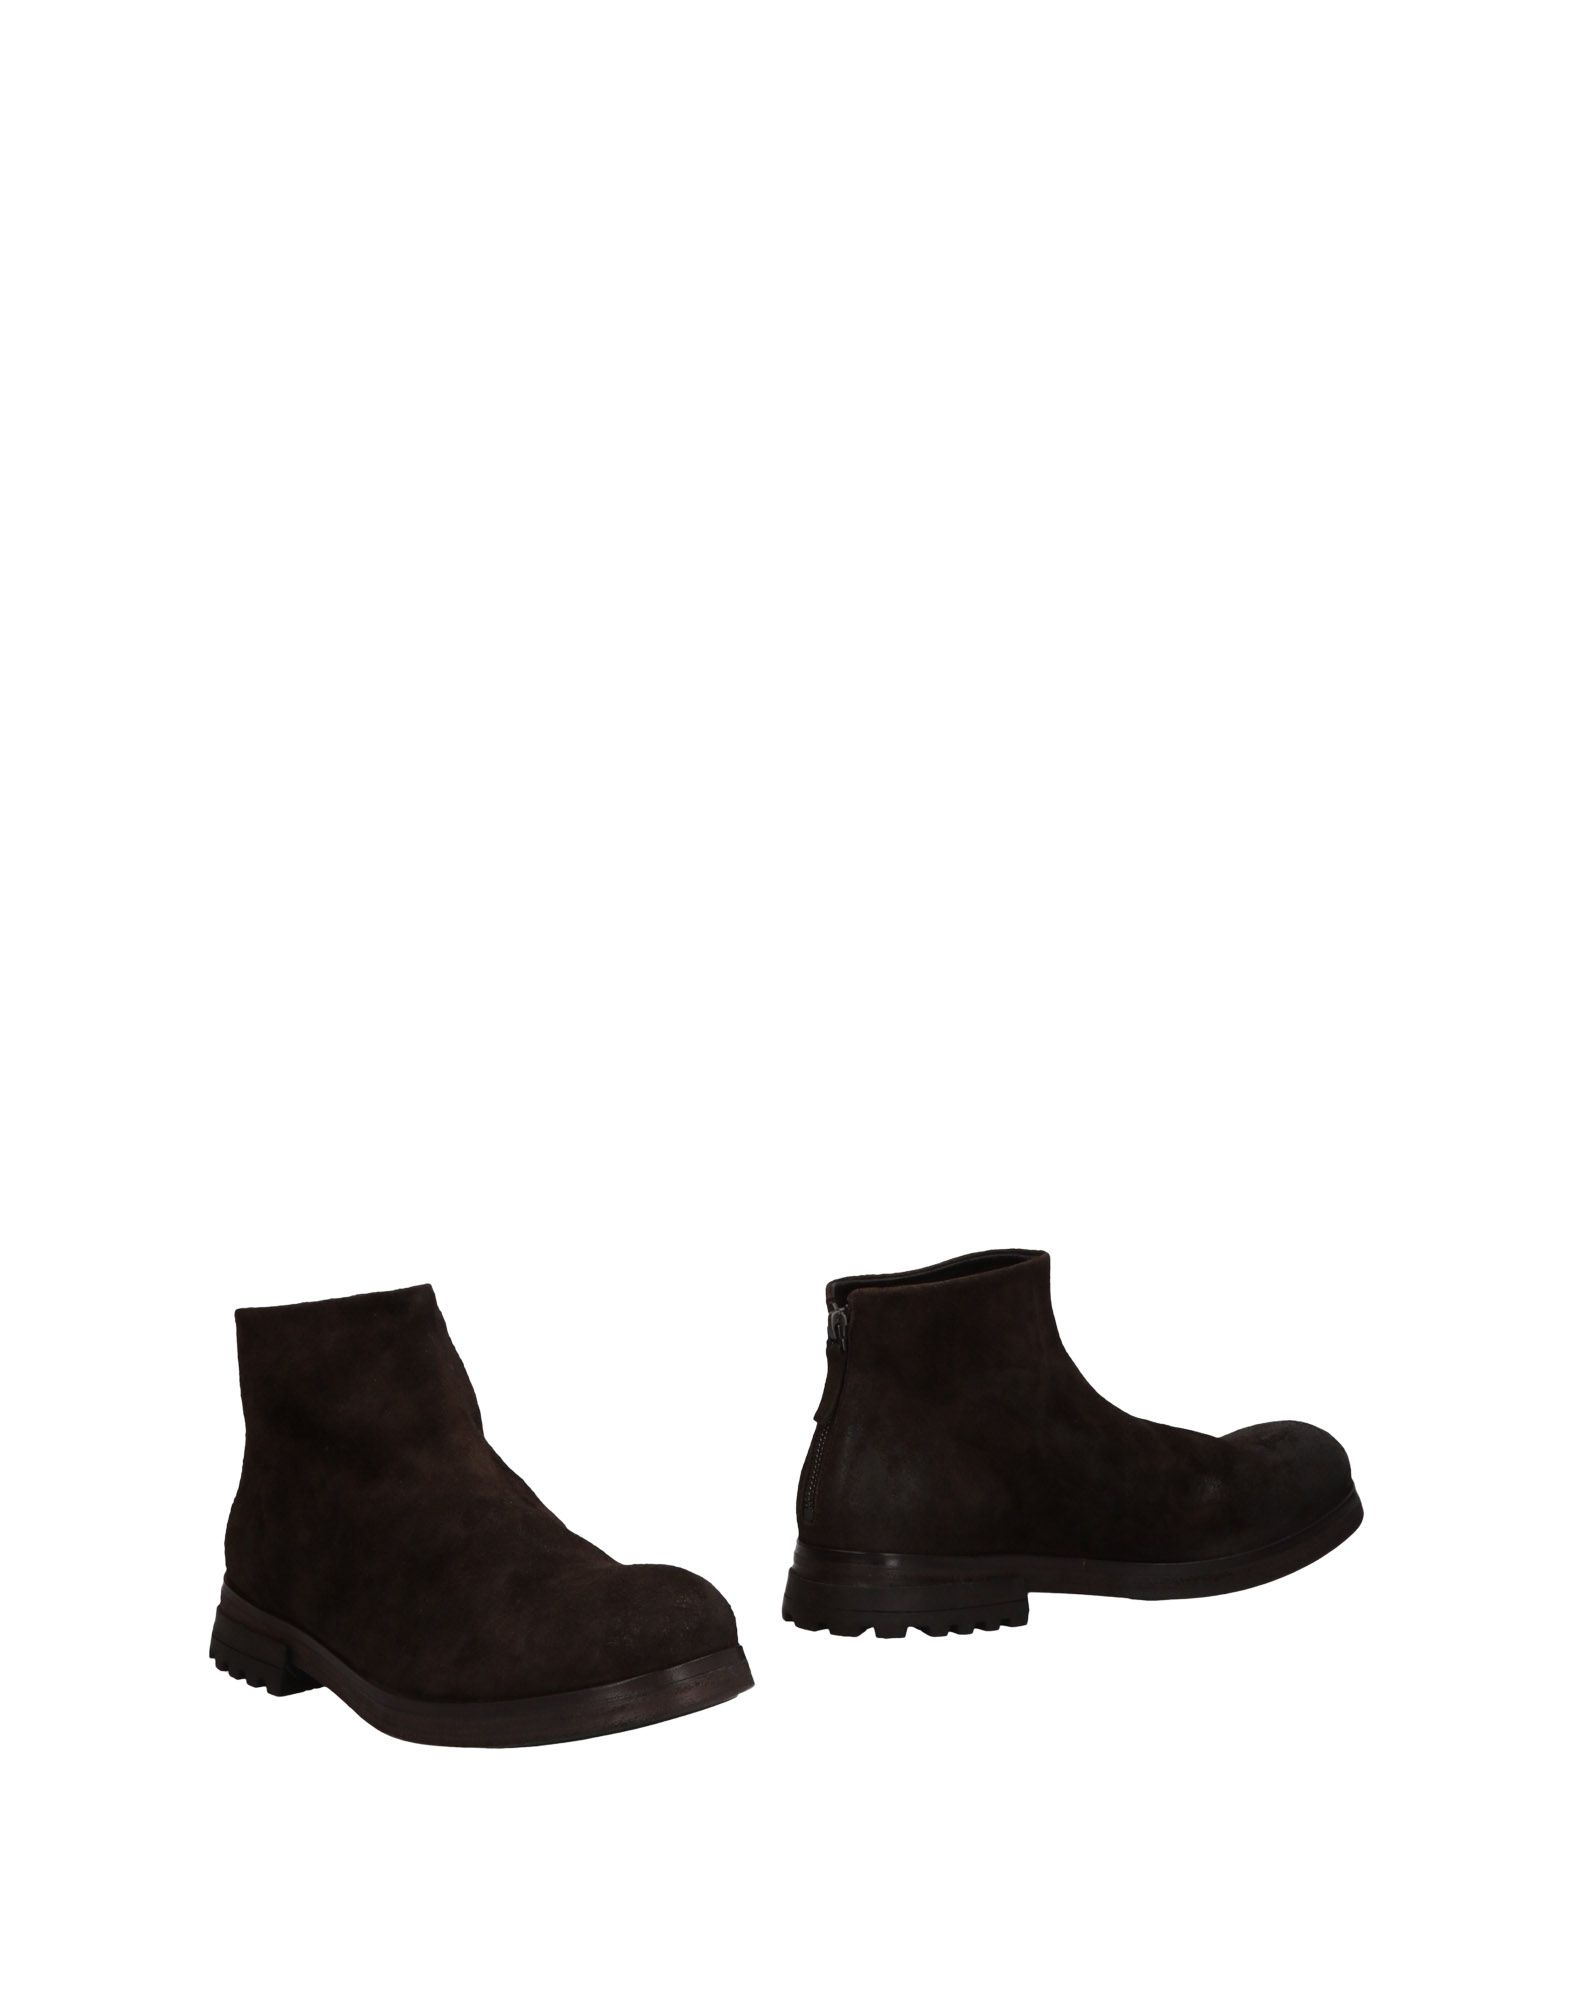 Marsèll Stiefelette Herren  11477529KF Gute Qualität beliebte Schuhe